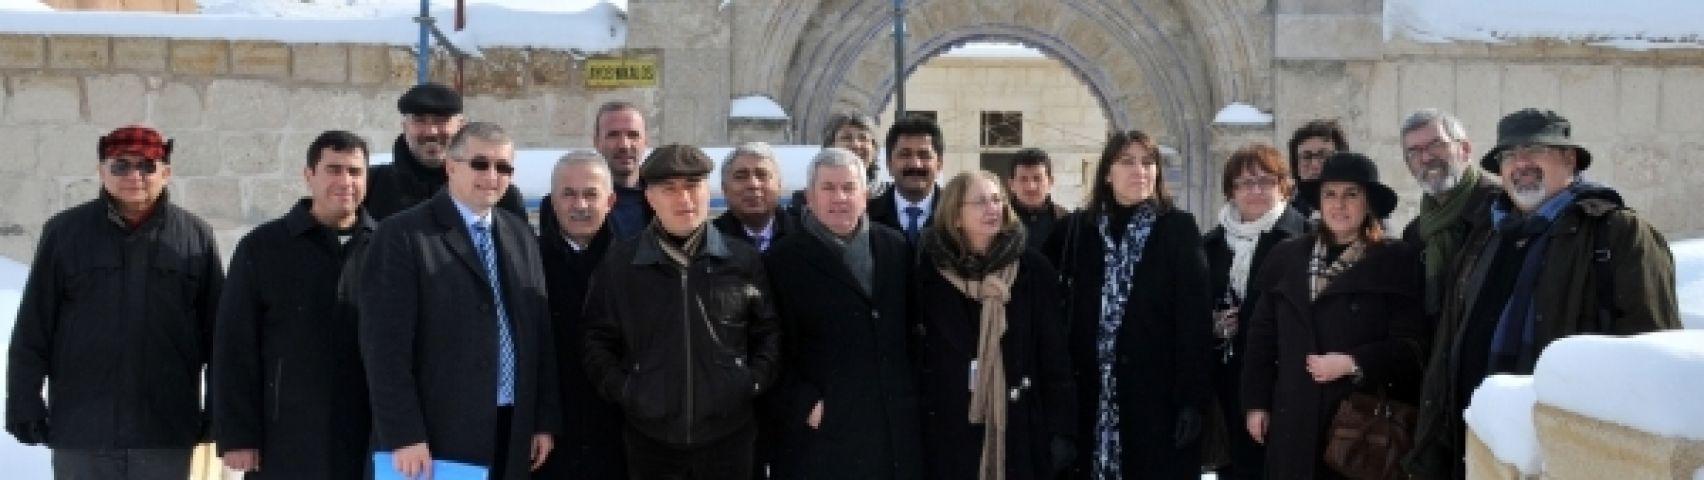 ICOMOS Edirne'de toplanacak!